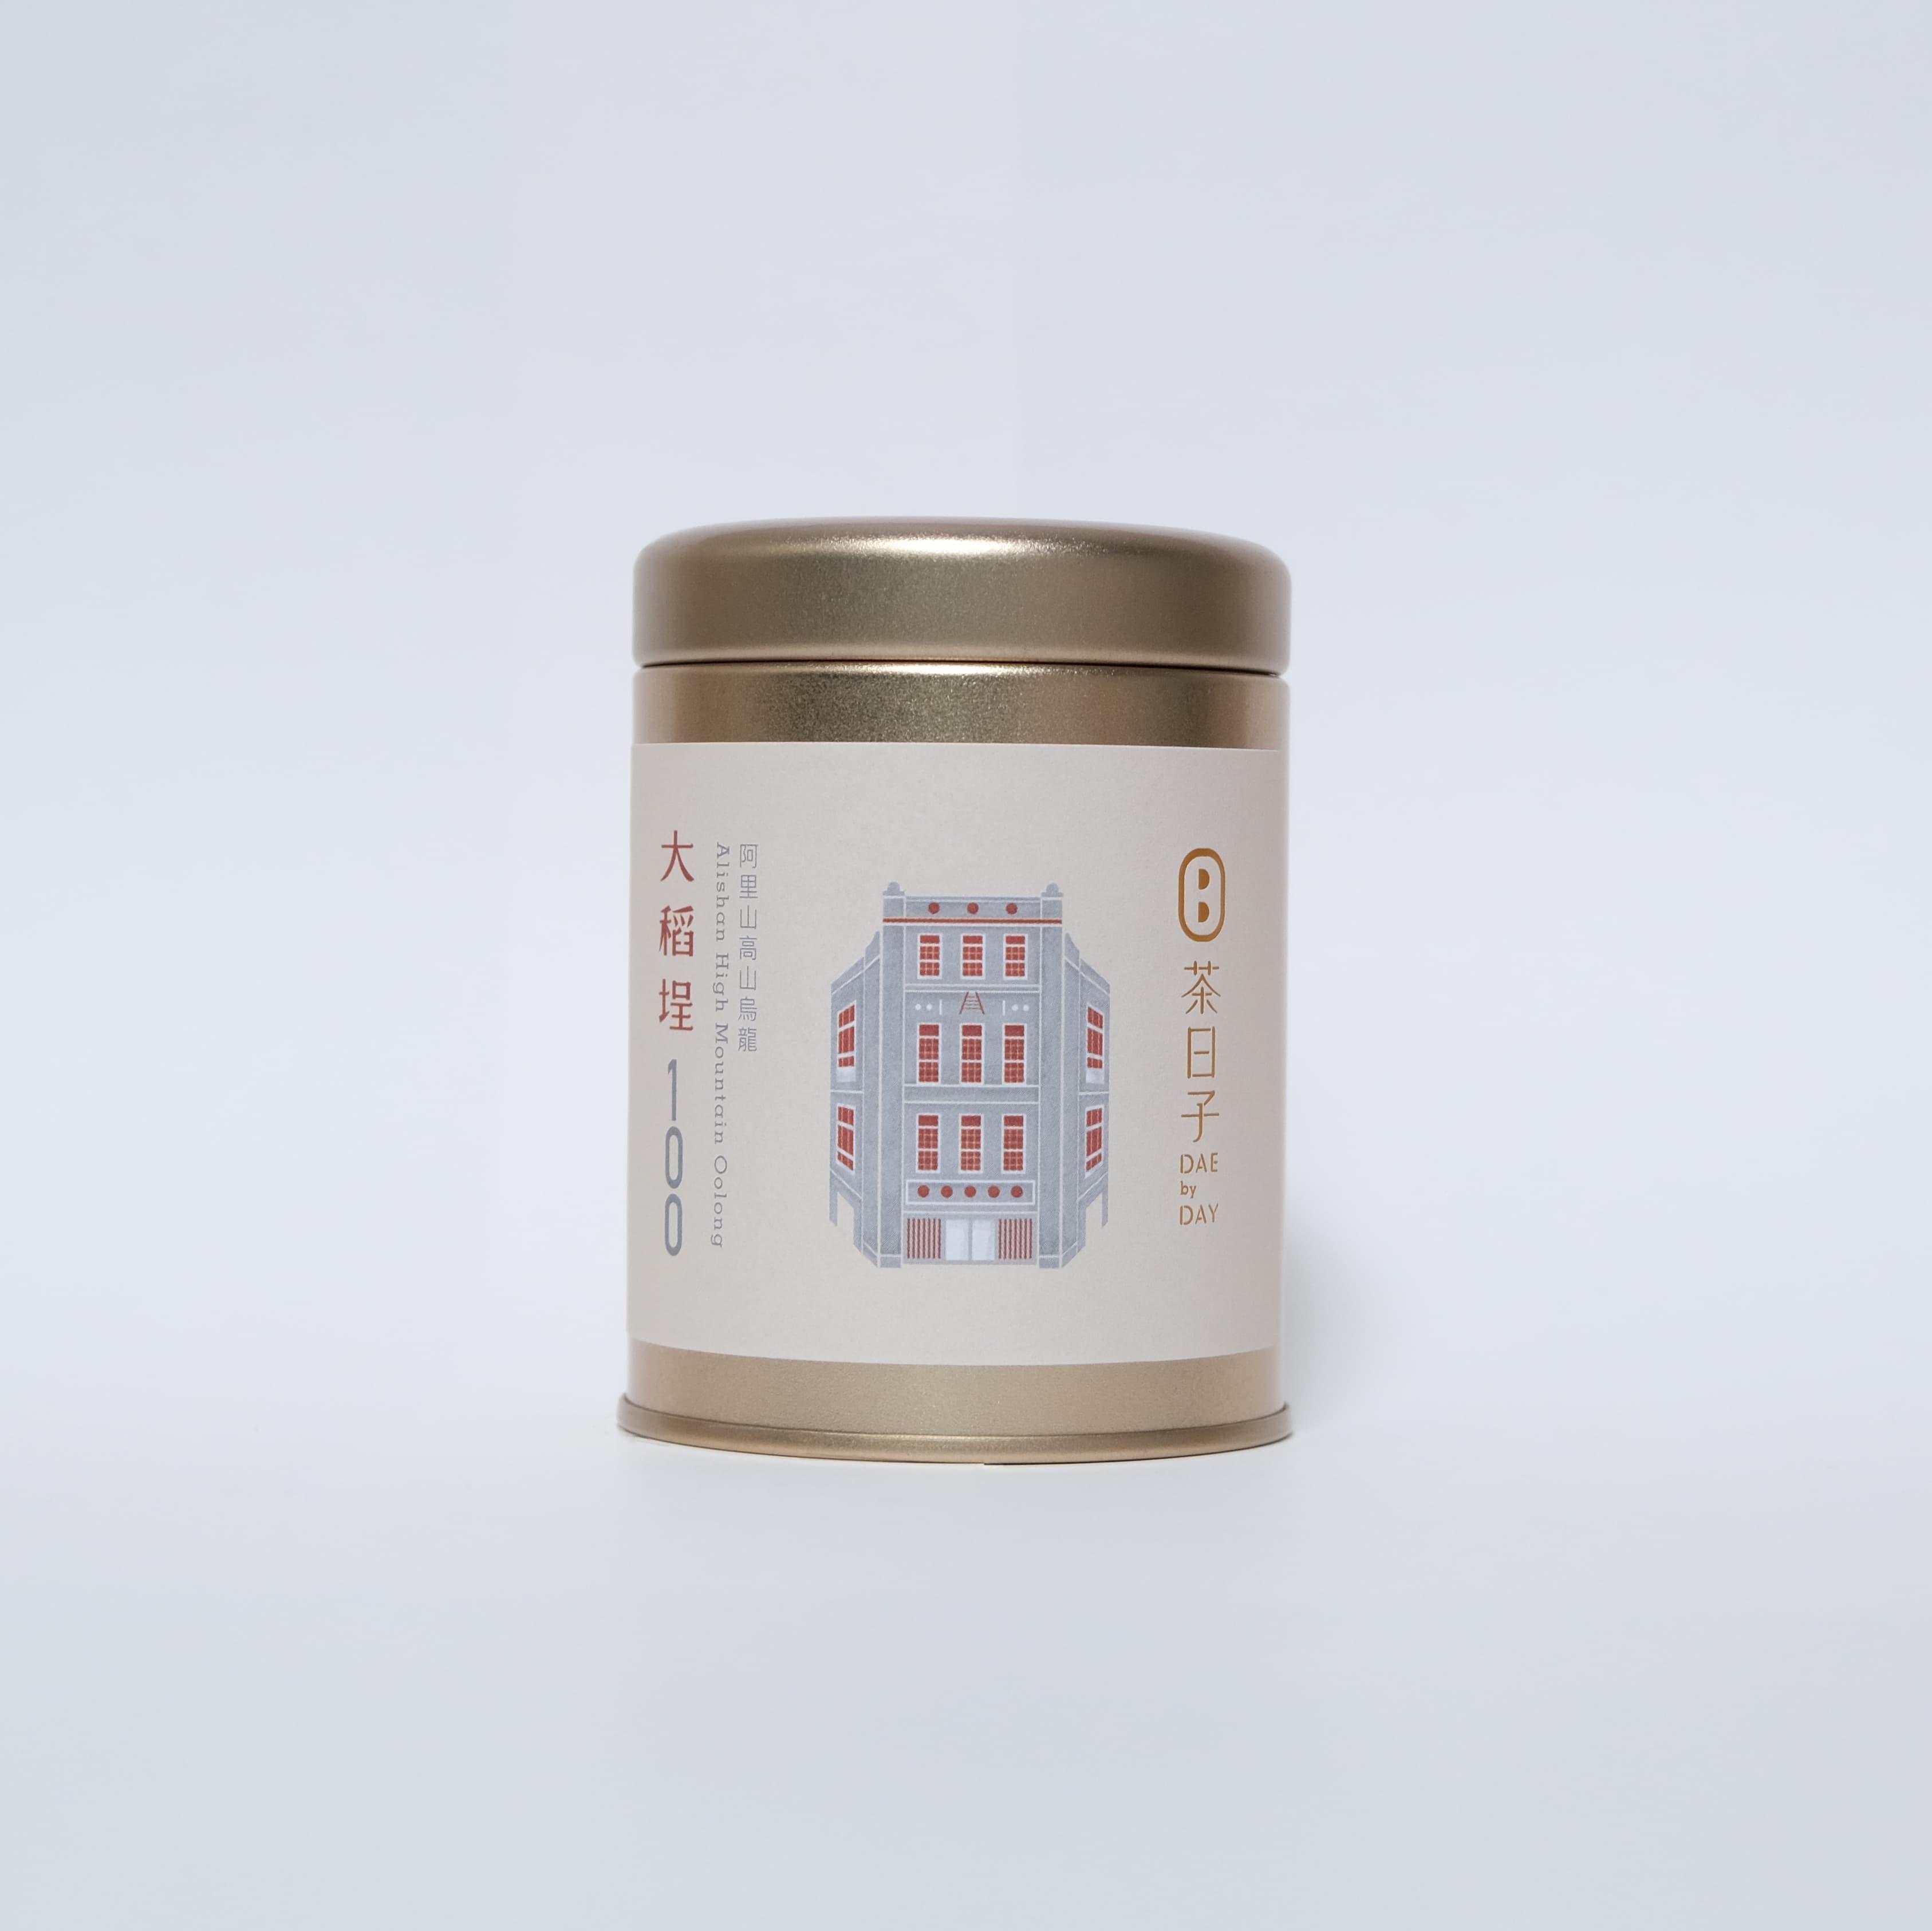 大稻埕 / 小金罐-Dae100阿里山高山烏龍茶